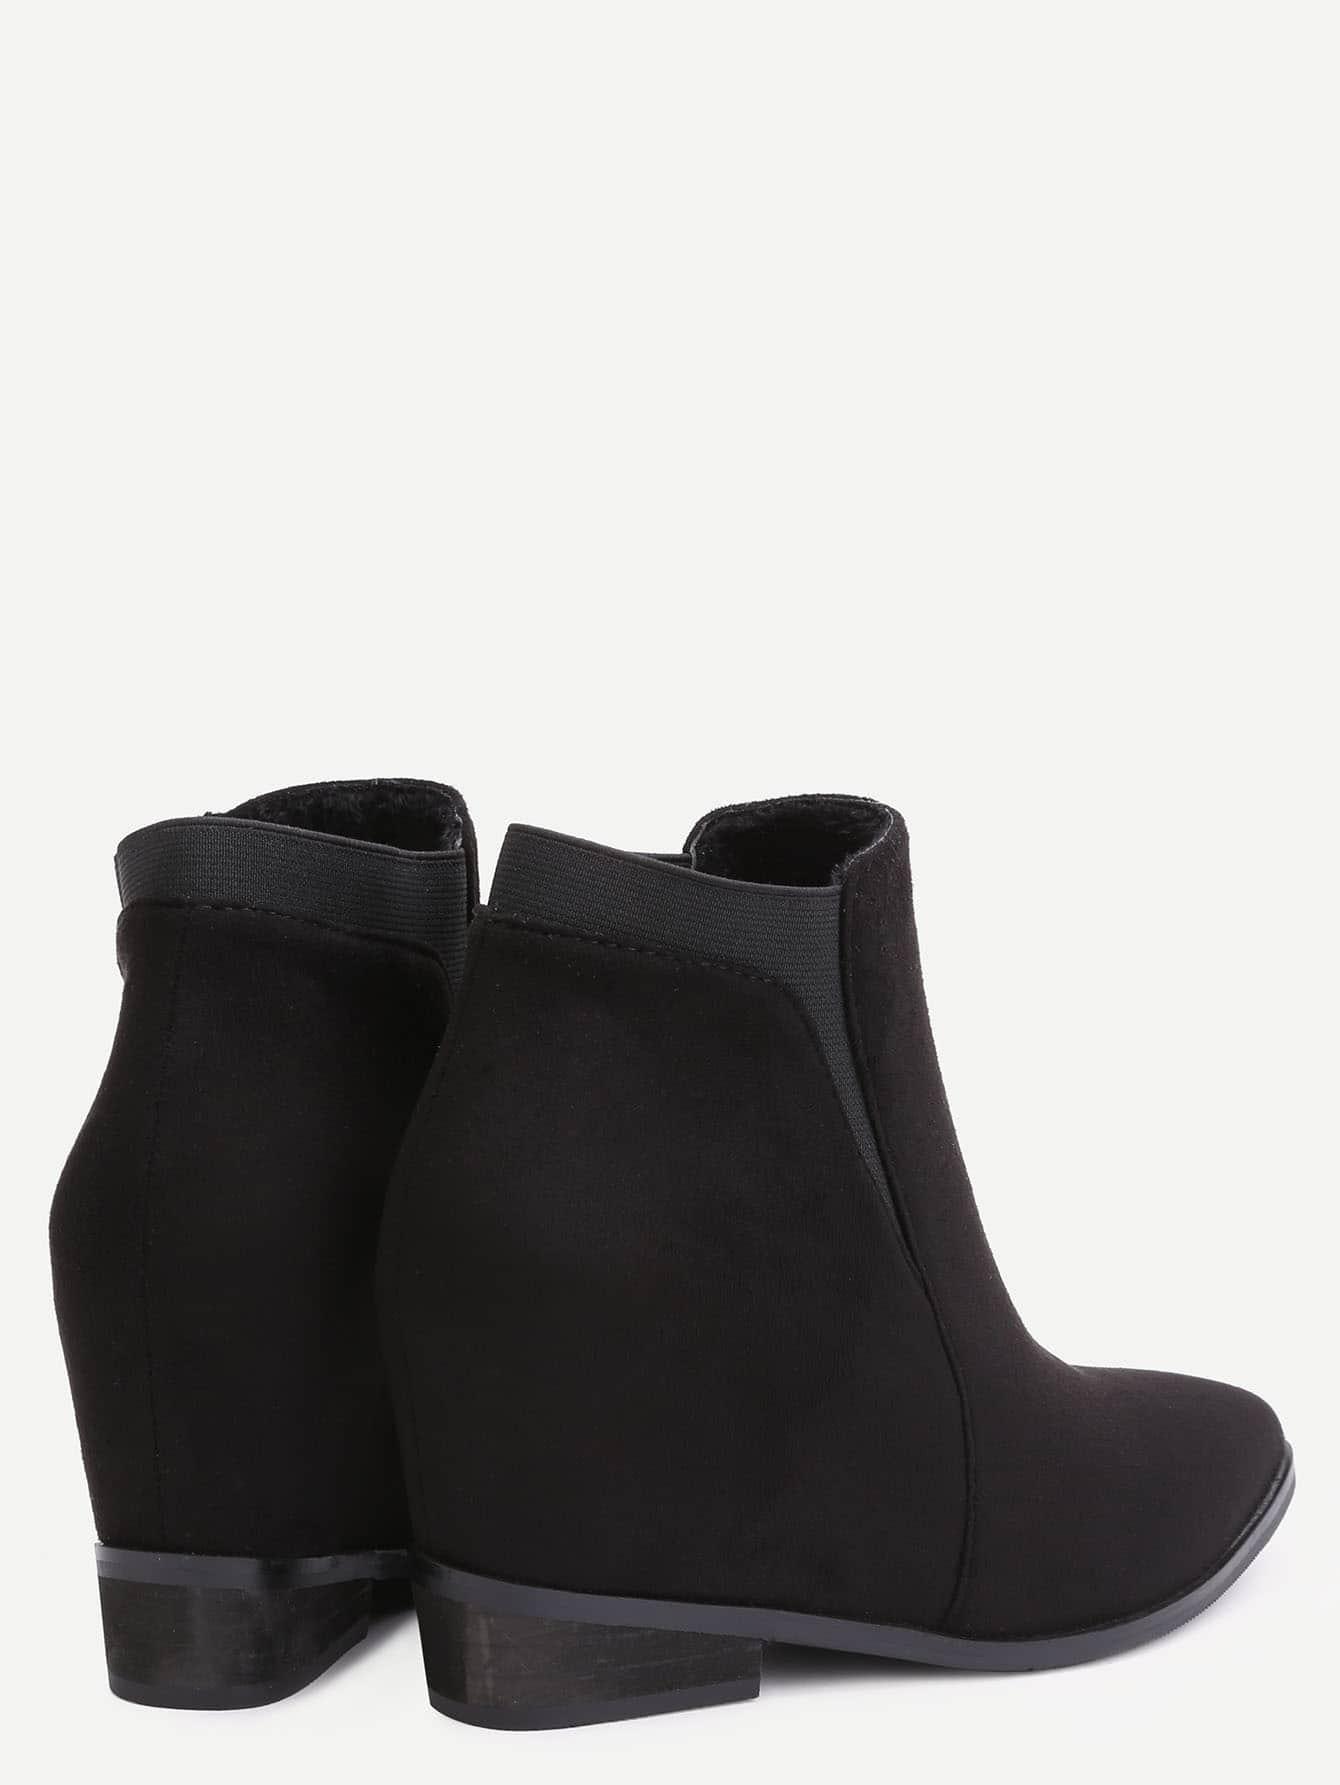 shoes160913905_2